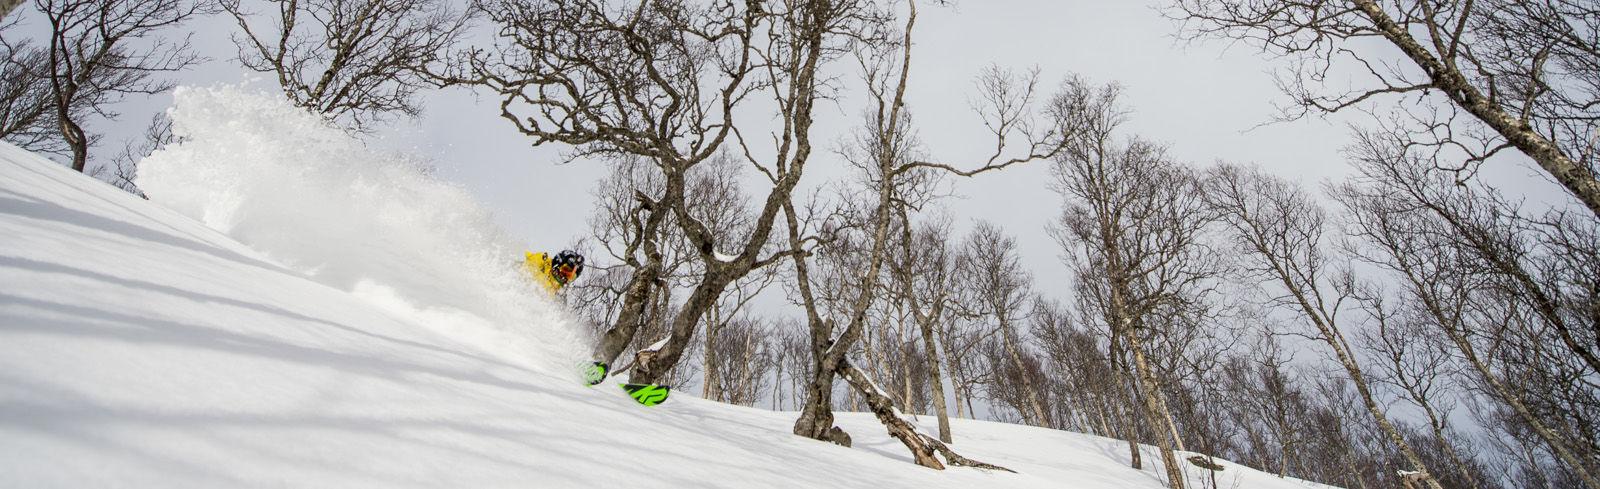 Lofoten style skiing